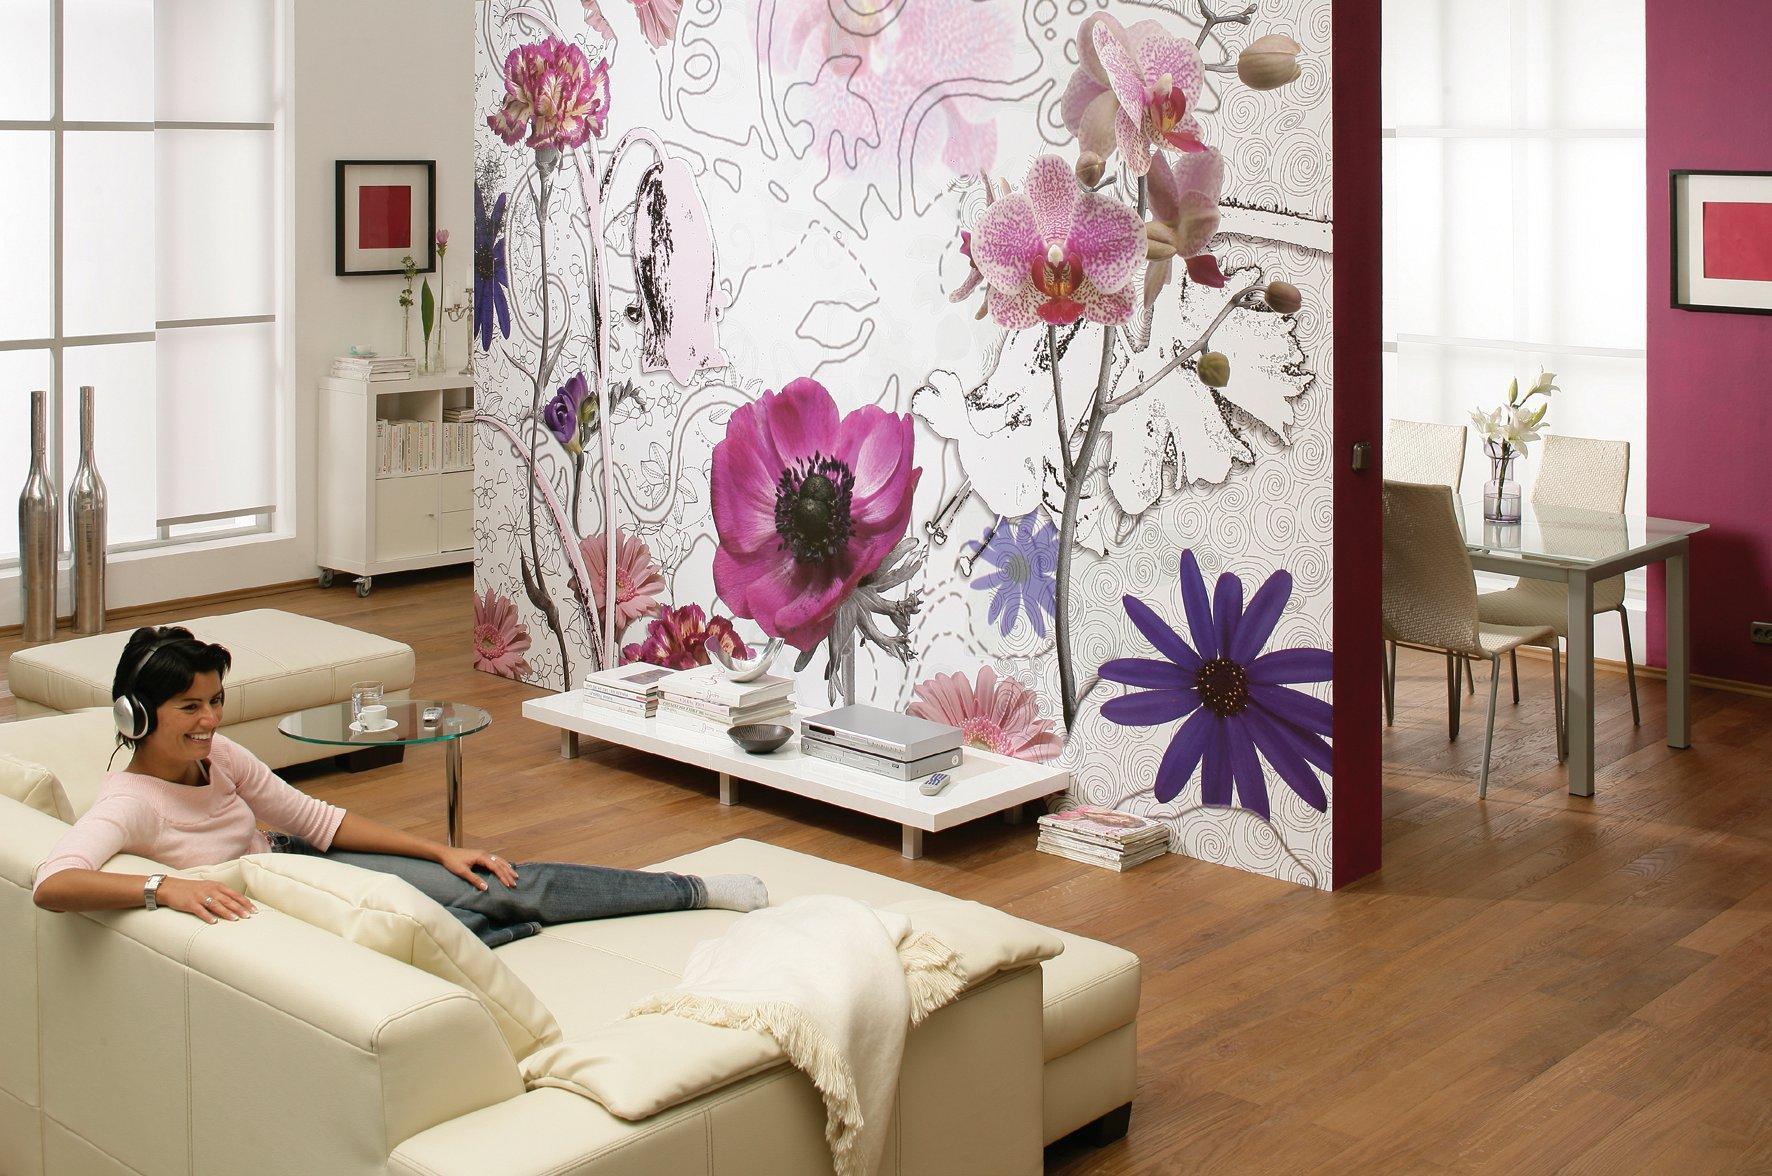 термобелья предлагают интерьер обои в большие цветы отличается особой… Посмотреть